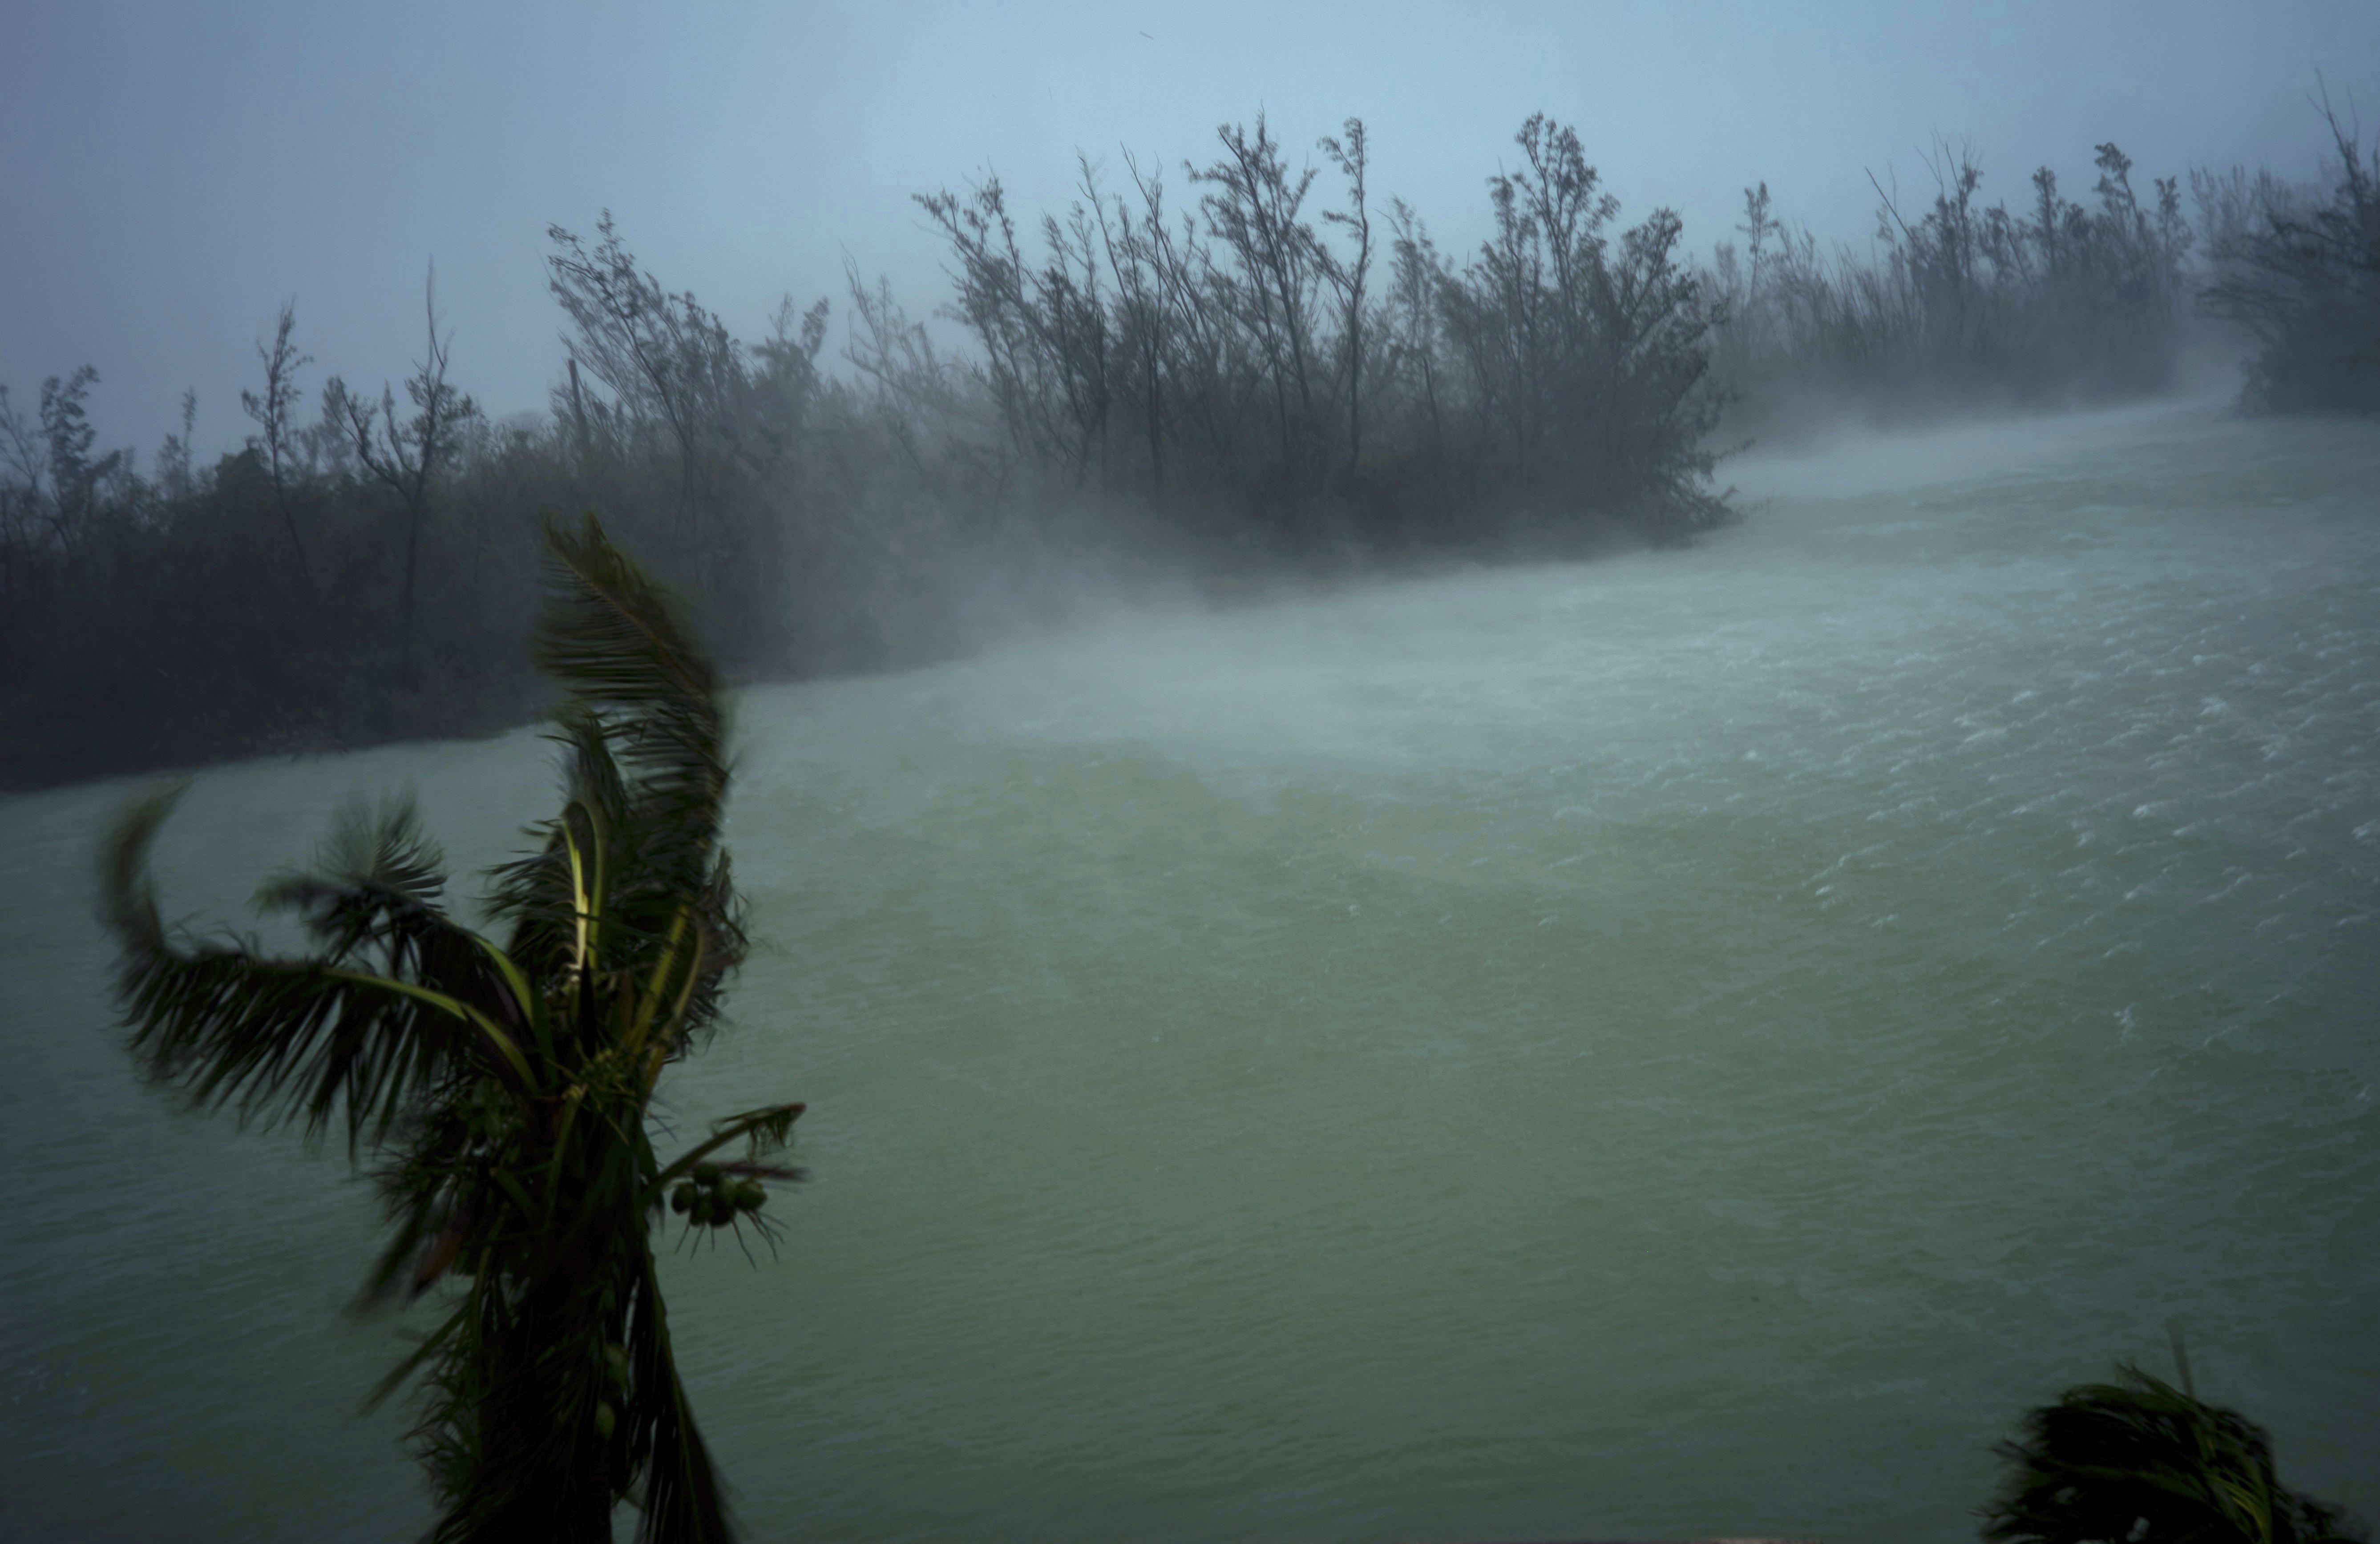 ÚLTIMA HORA: Reportan cuerpos flotando tras paso del huracán Dorian por las Bahamas